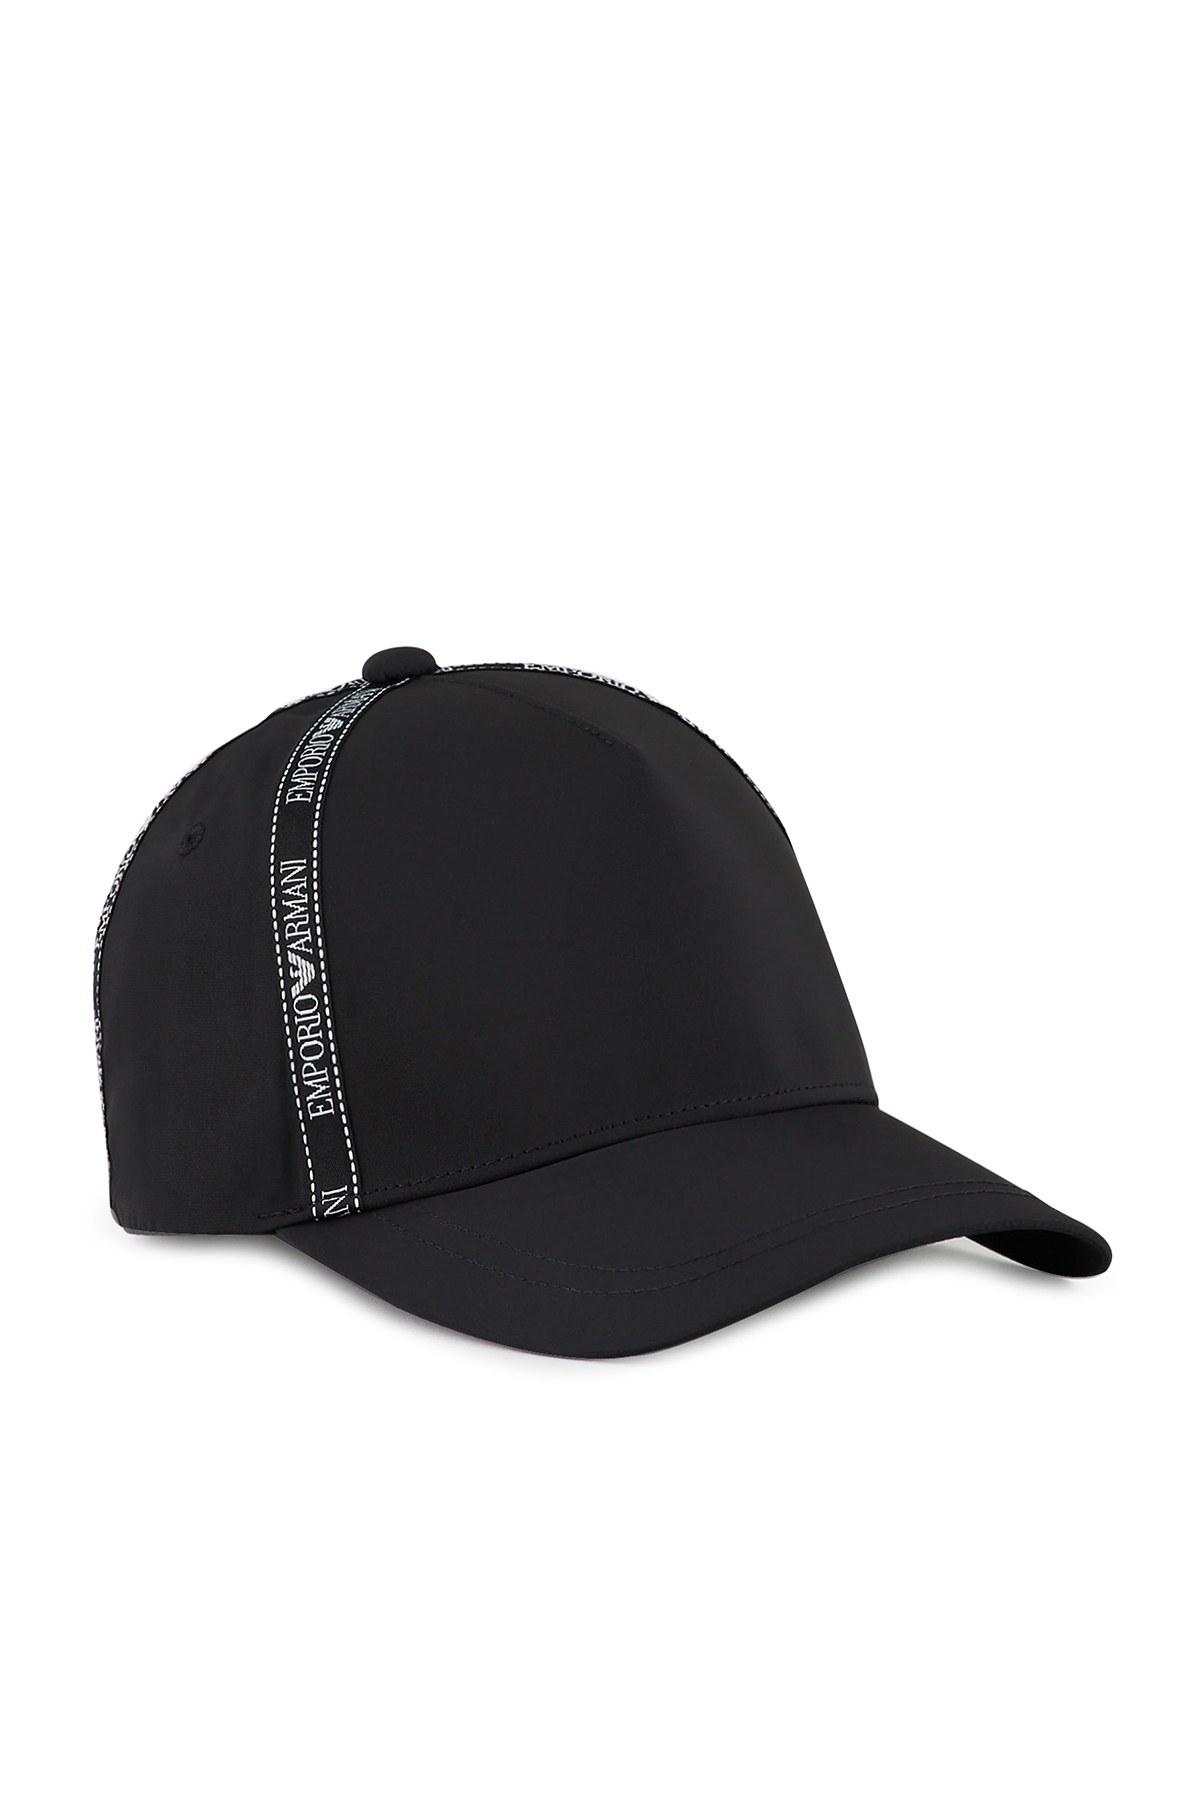 Emporio Armani Logo Baskılı Erkek Şapka 627503 0A522 00020 SİYAH